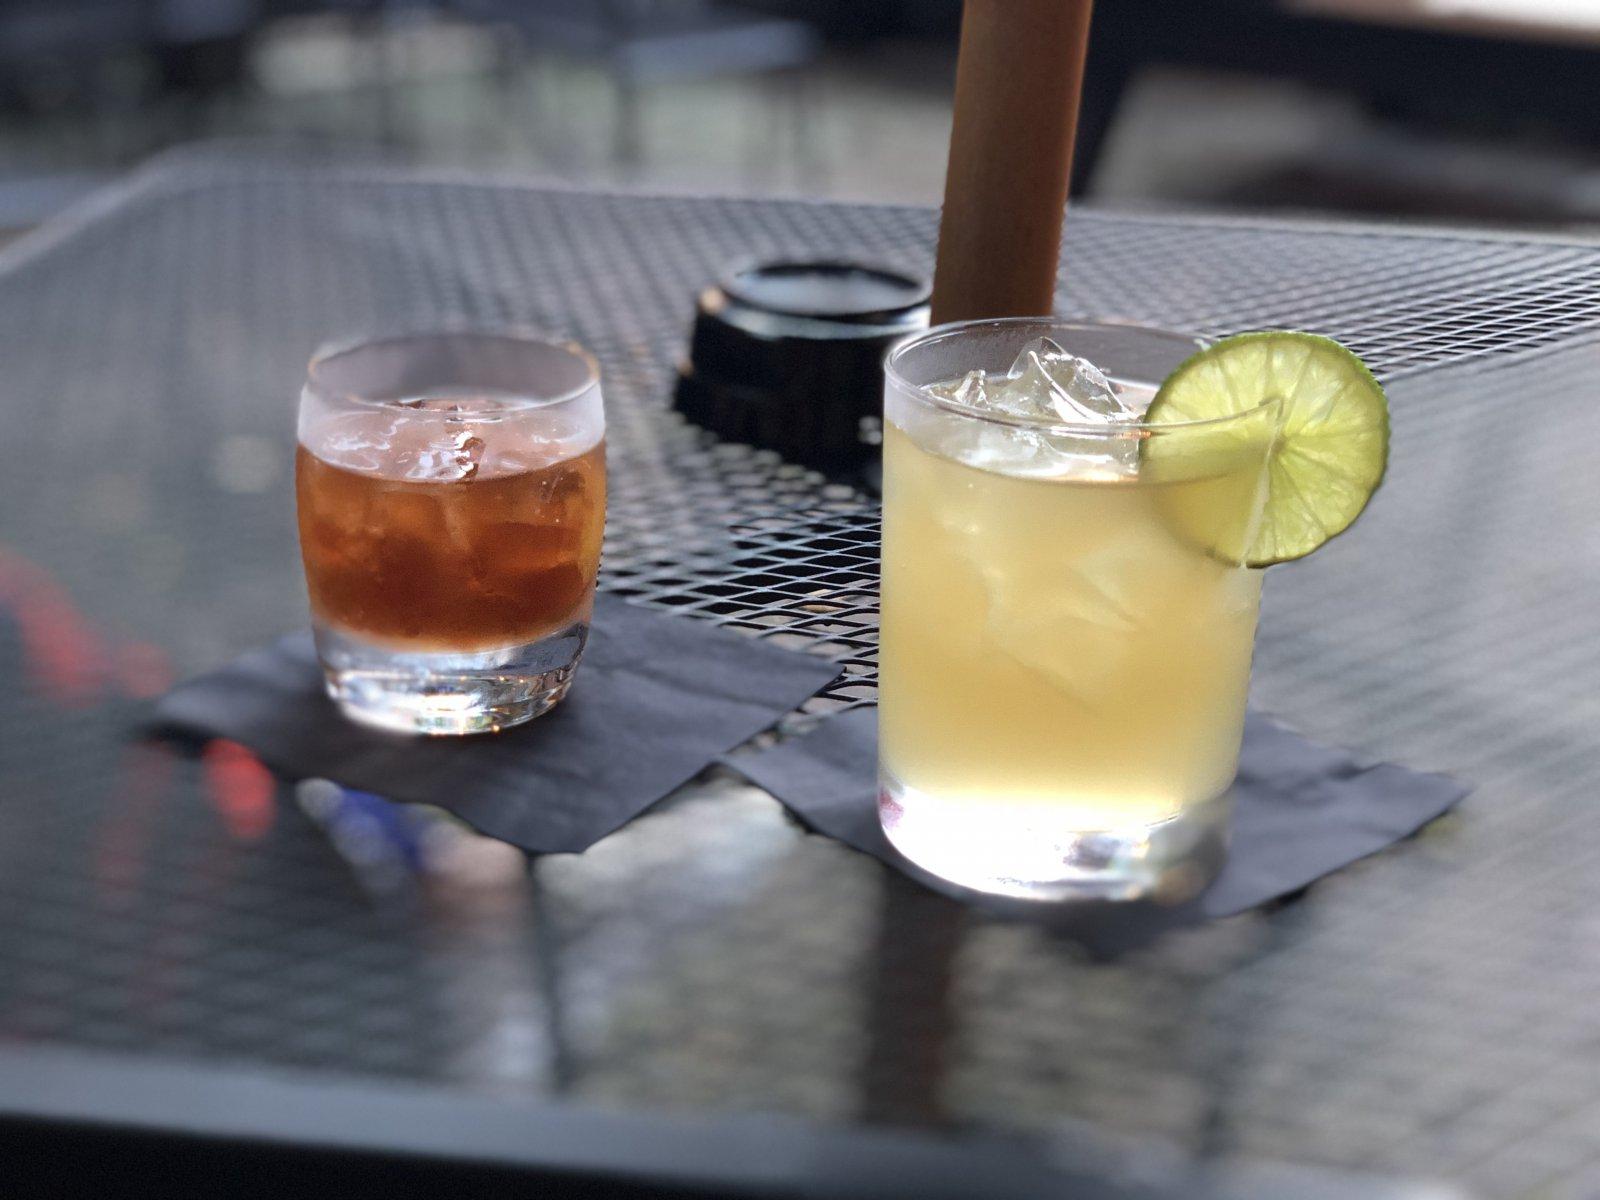 Bourbon Drinks at Old Kentucky Bourbon Bar